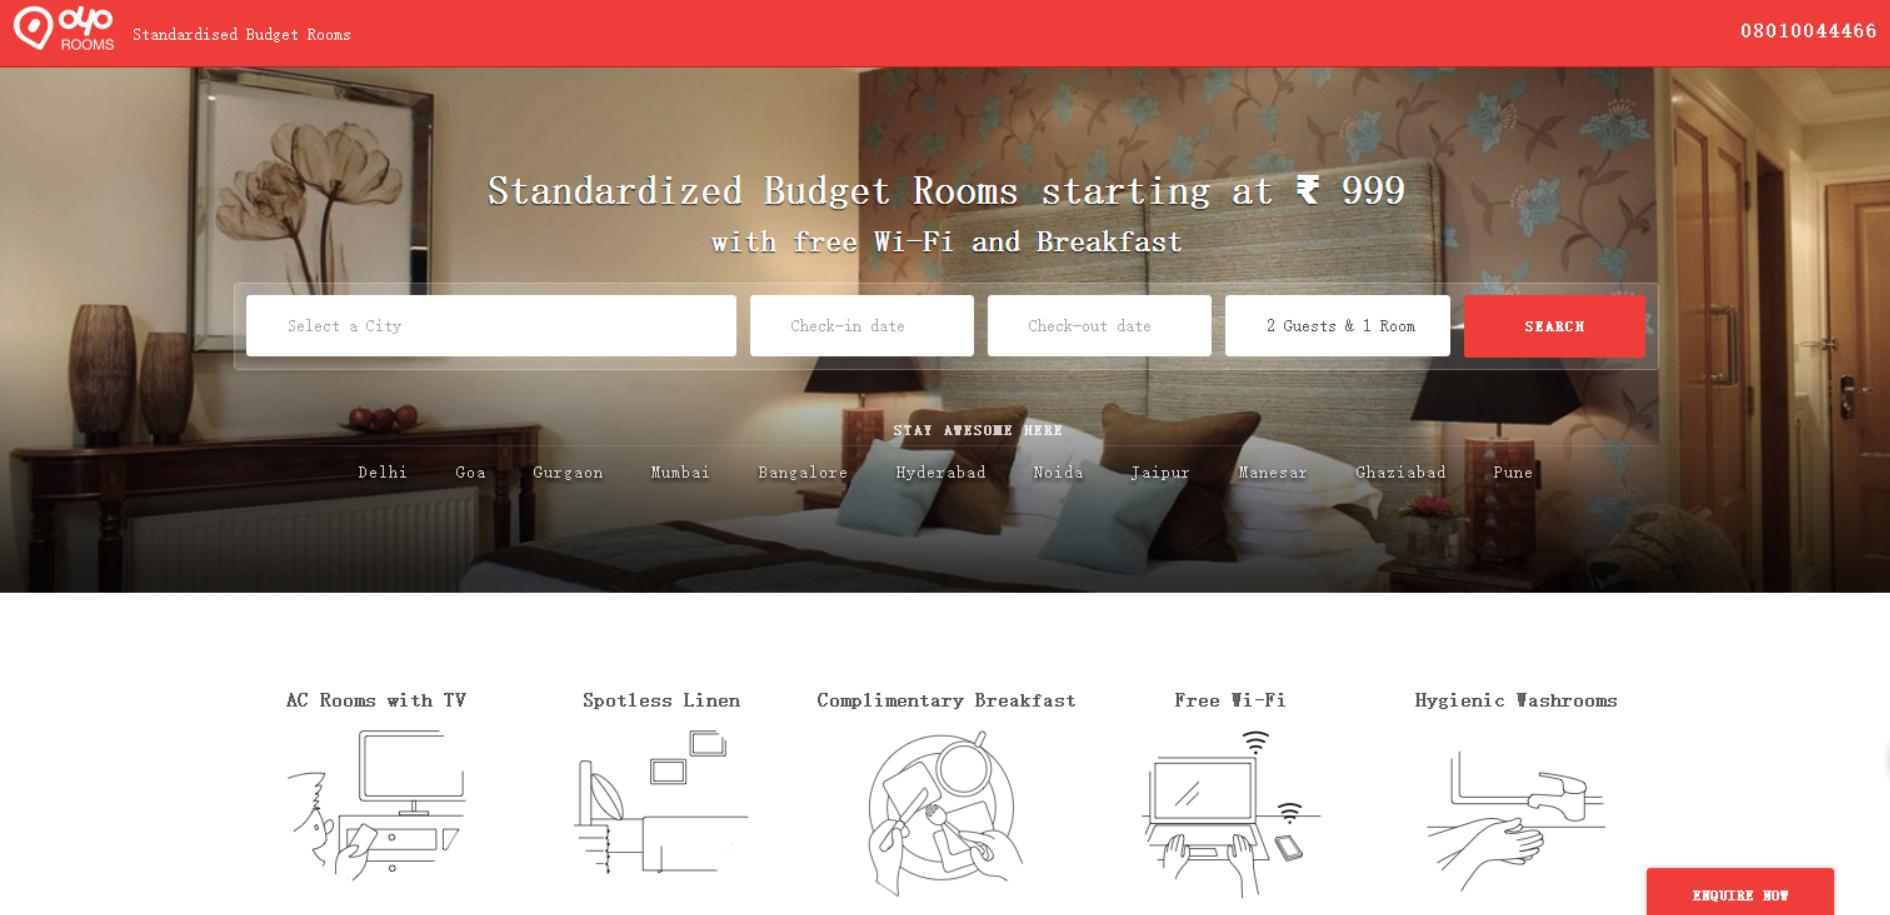 Oyo Rooms:虚拟酒店平台获2000万美元融资